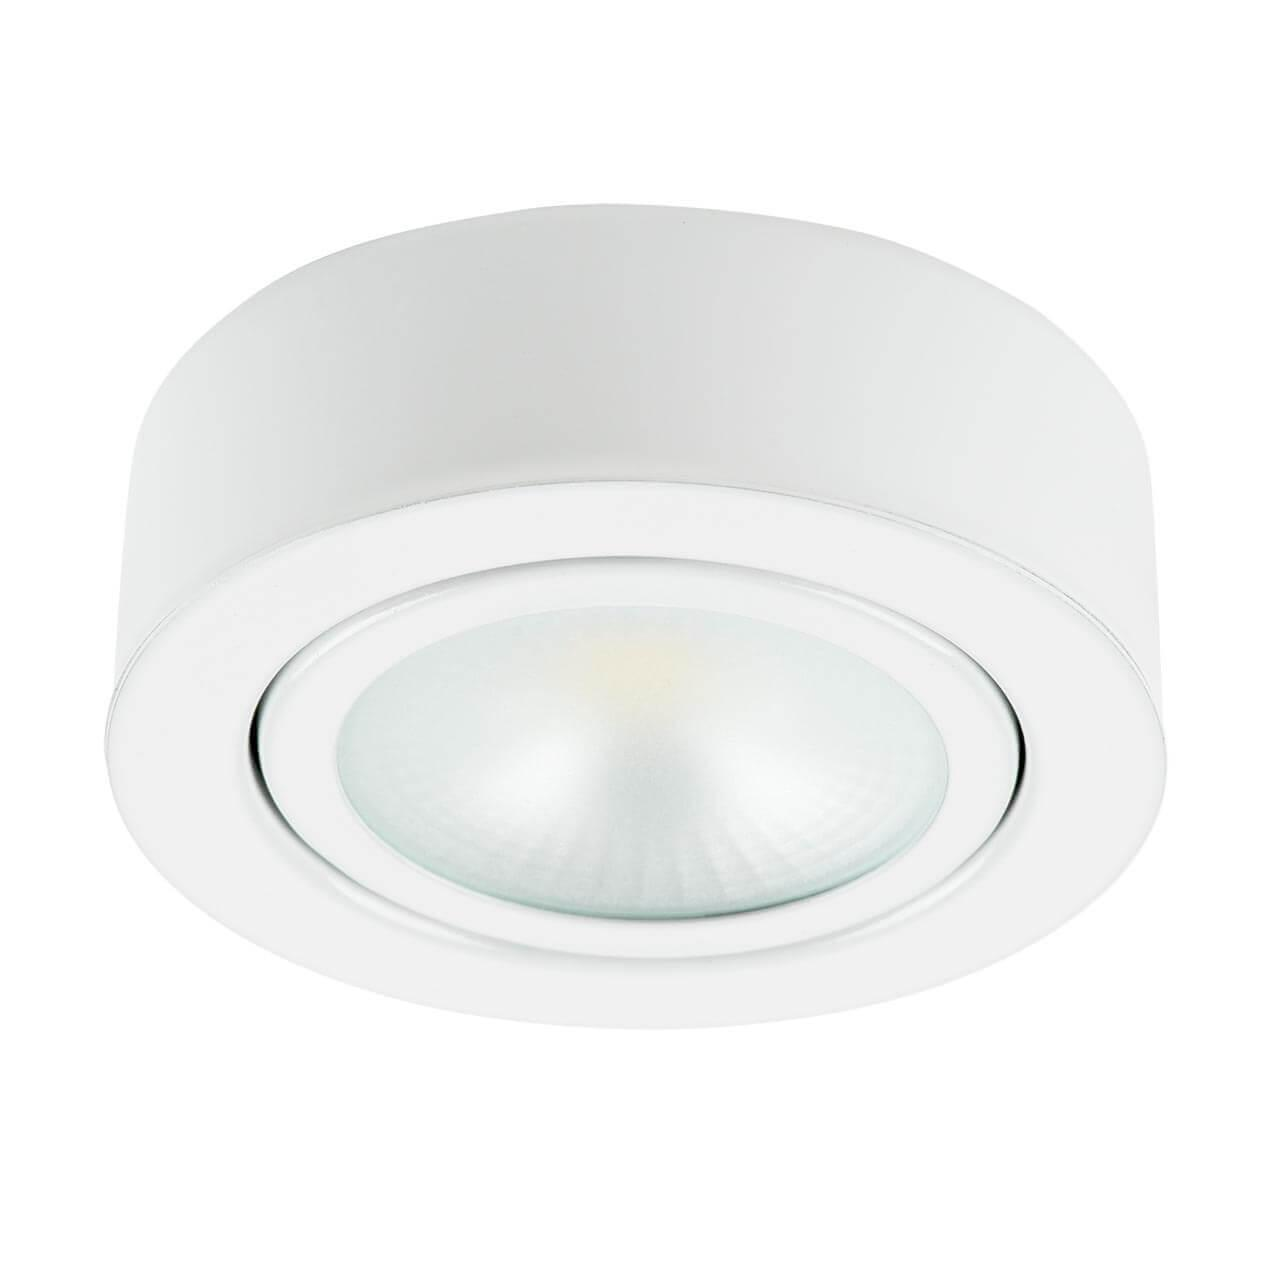 Мебельный светодиодный светильник Lightstar Mobiled 003350